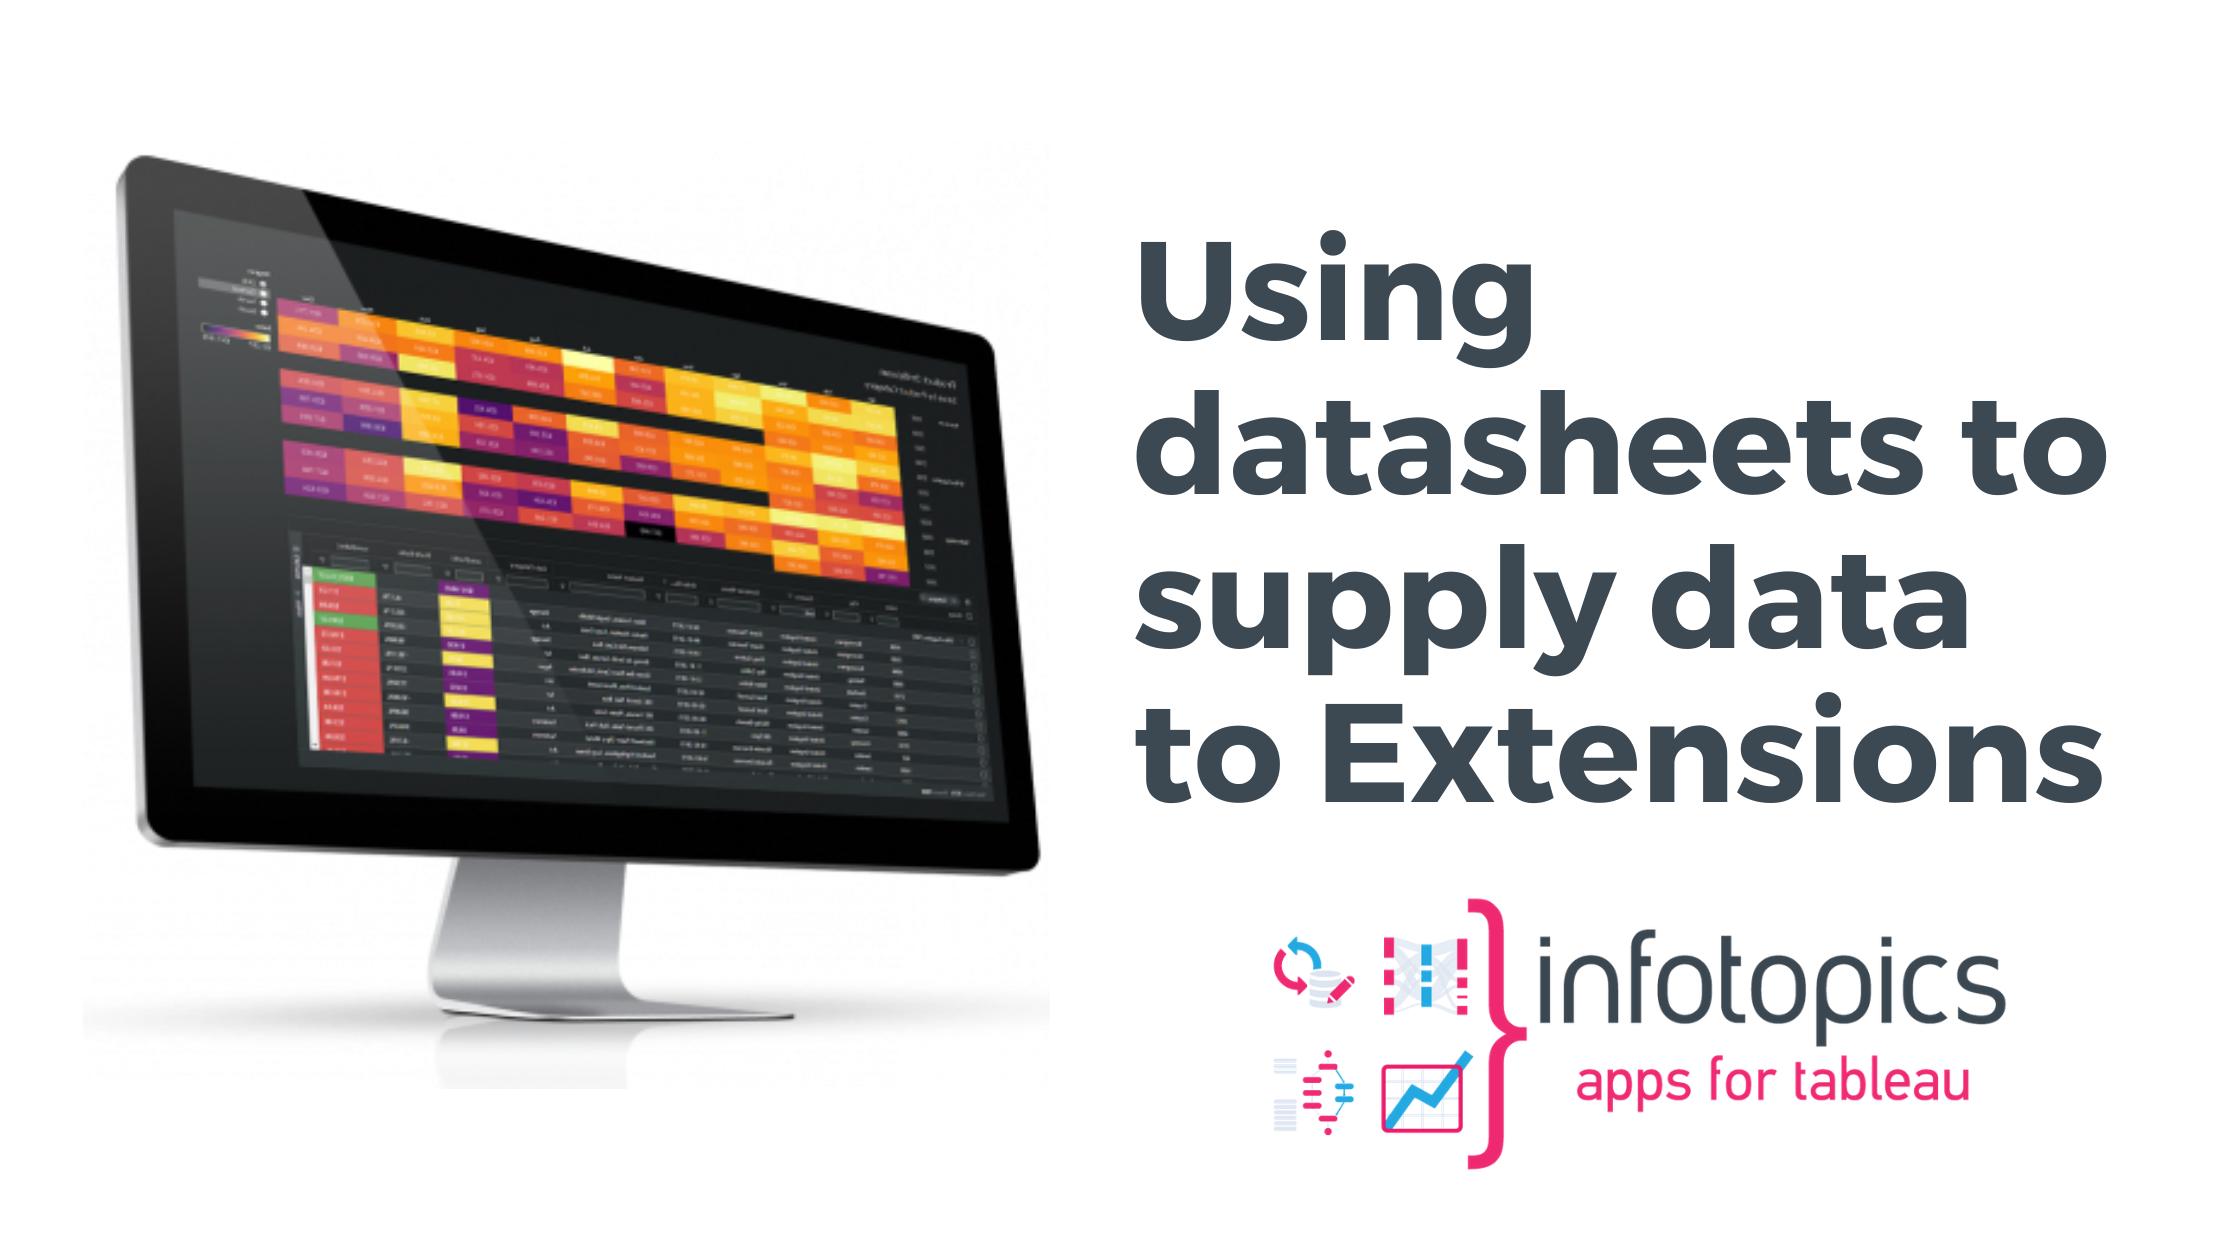 Datasheets to supply data